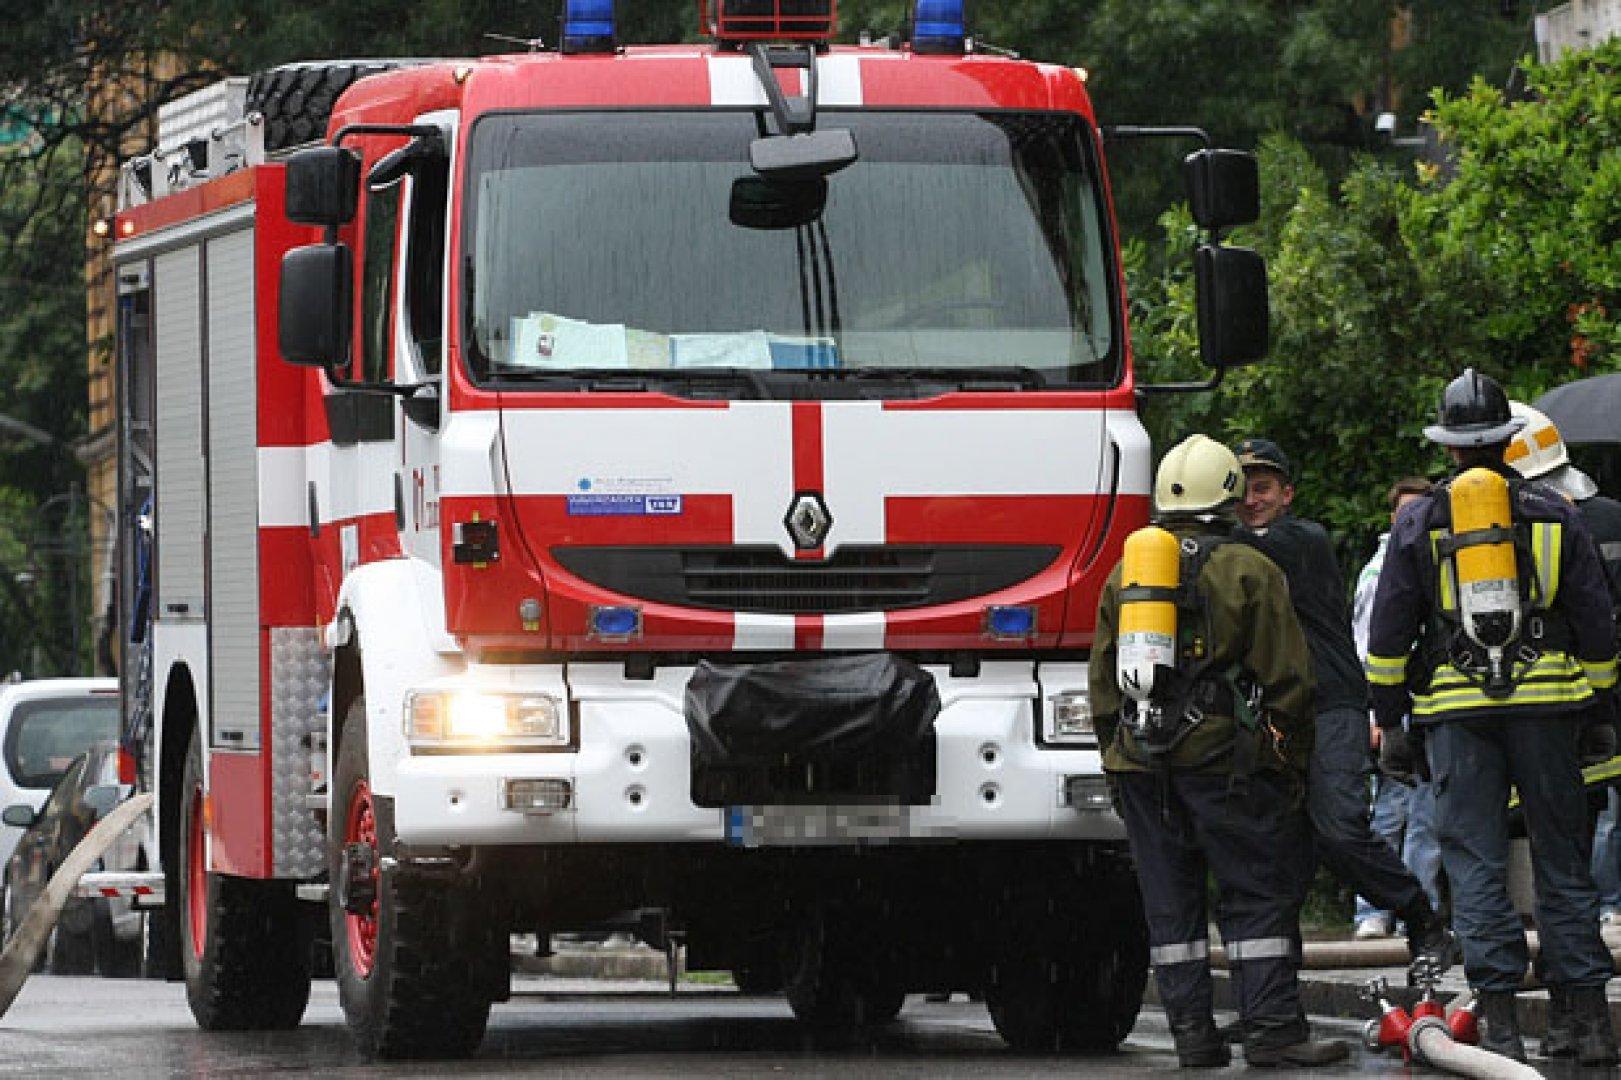 Огнеборците неутрализирали огъня, лумнал в плажното заведение, въпреки силния вятър. Снимка Архив Черноморие-бг